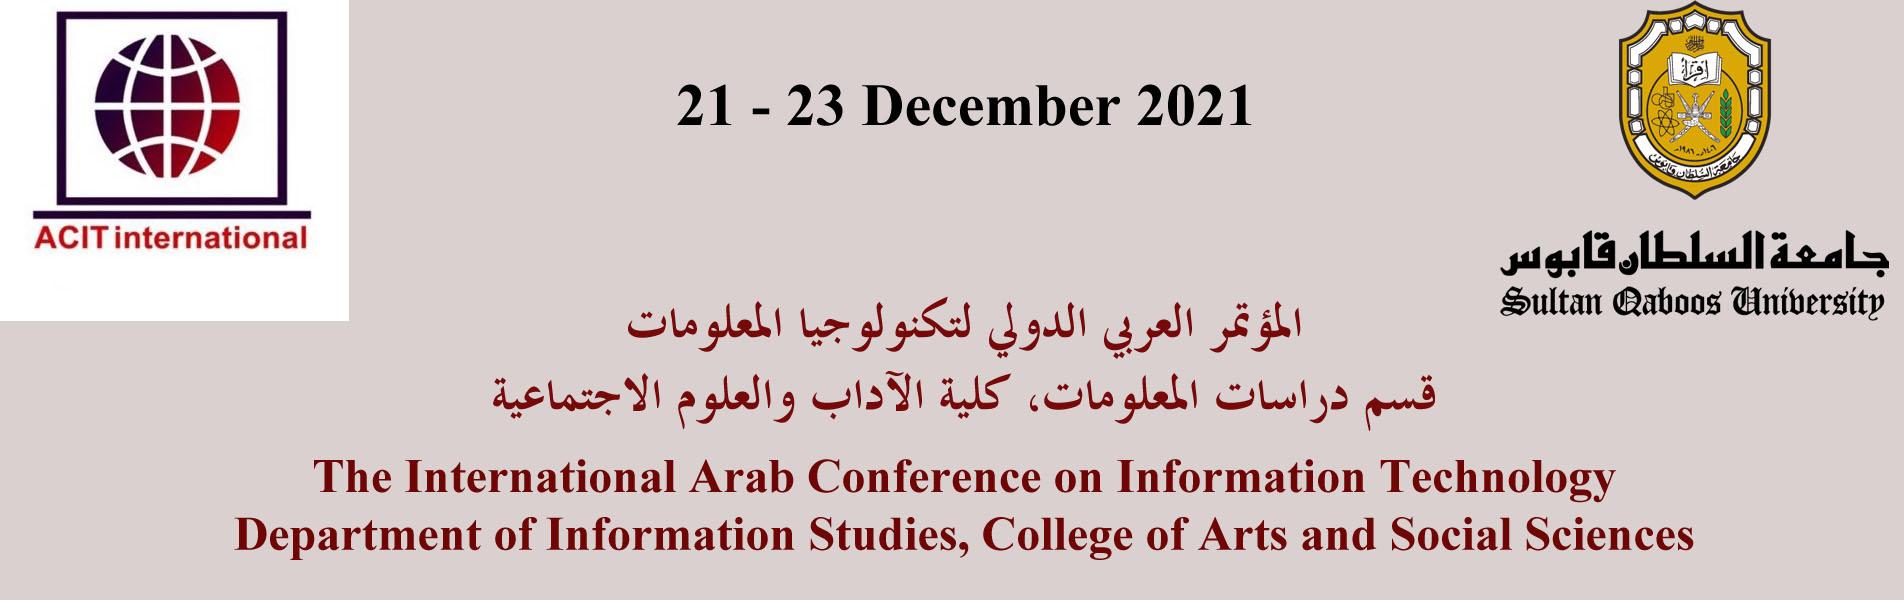 المؤتمر العربي الدولي لتكنولوجيا المعلومات